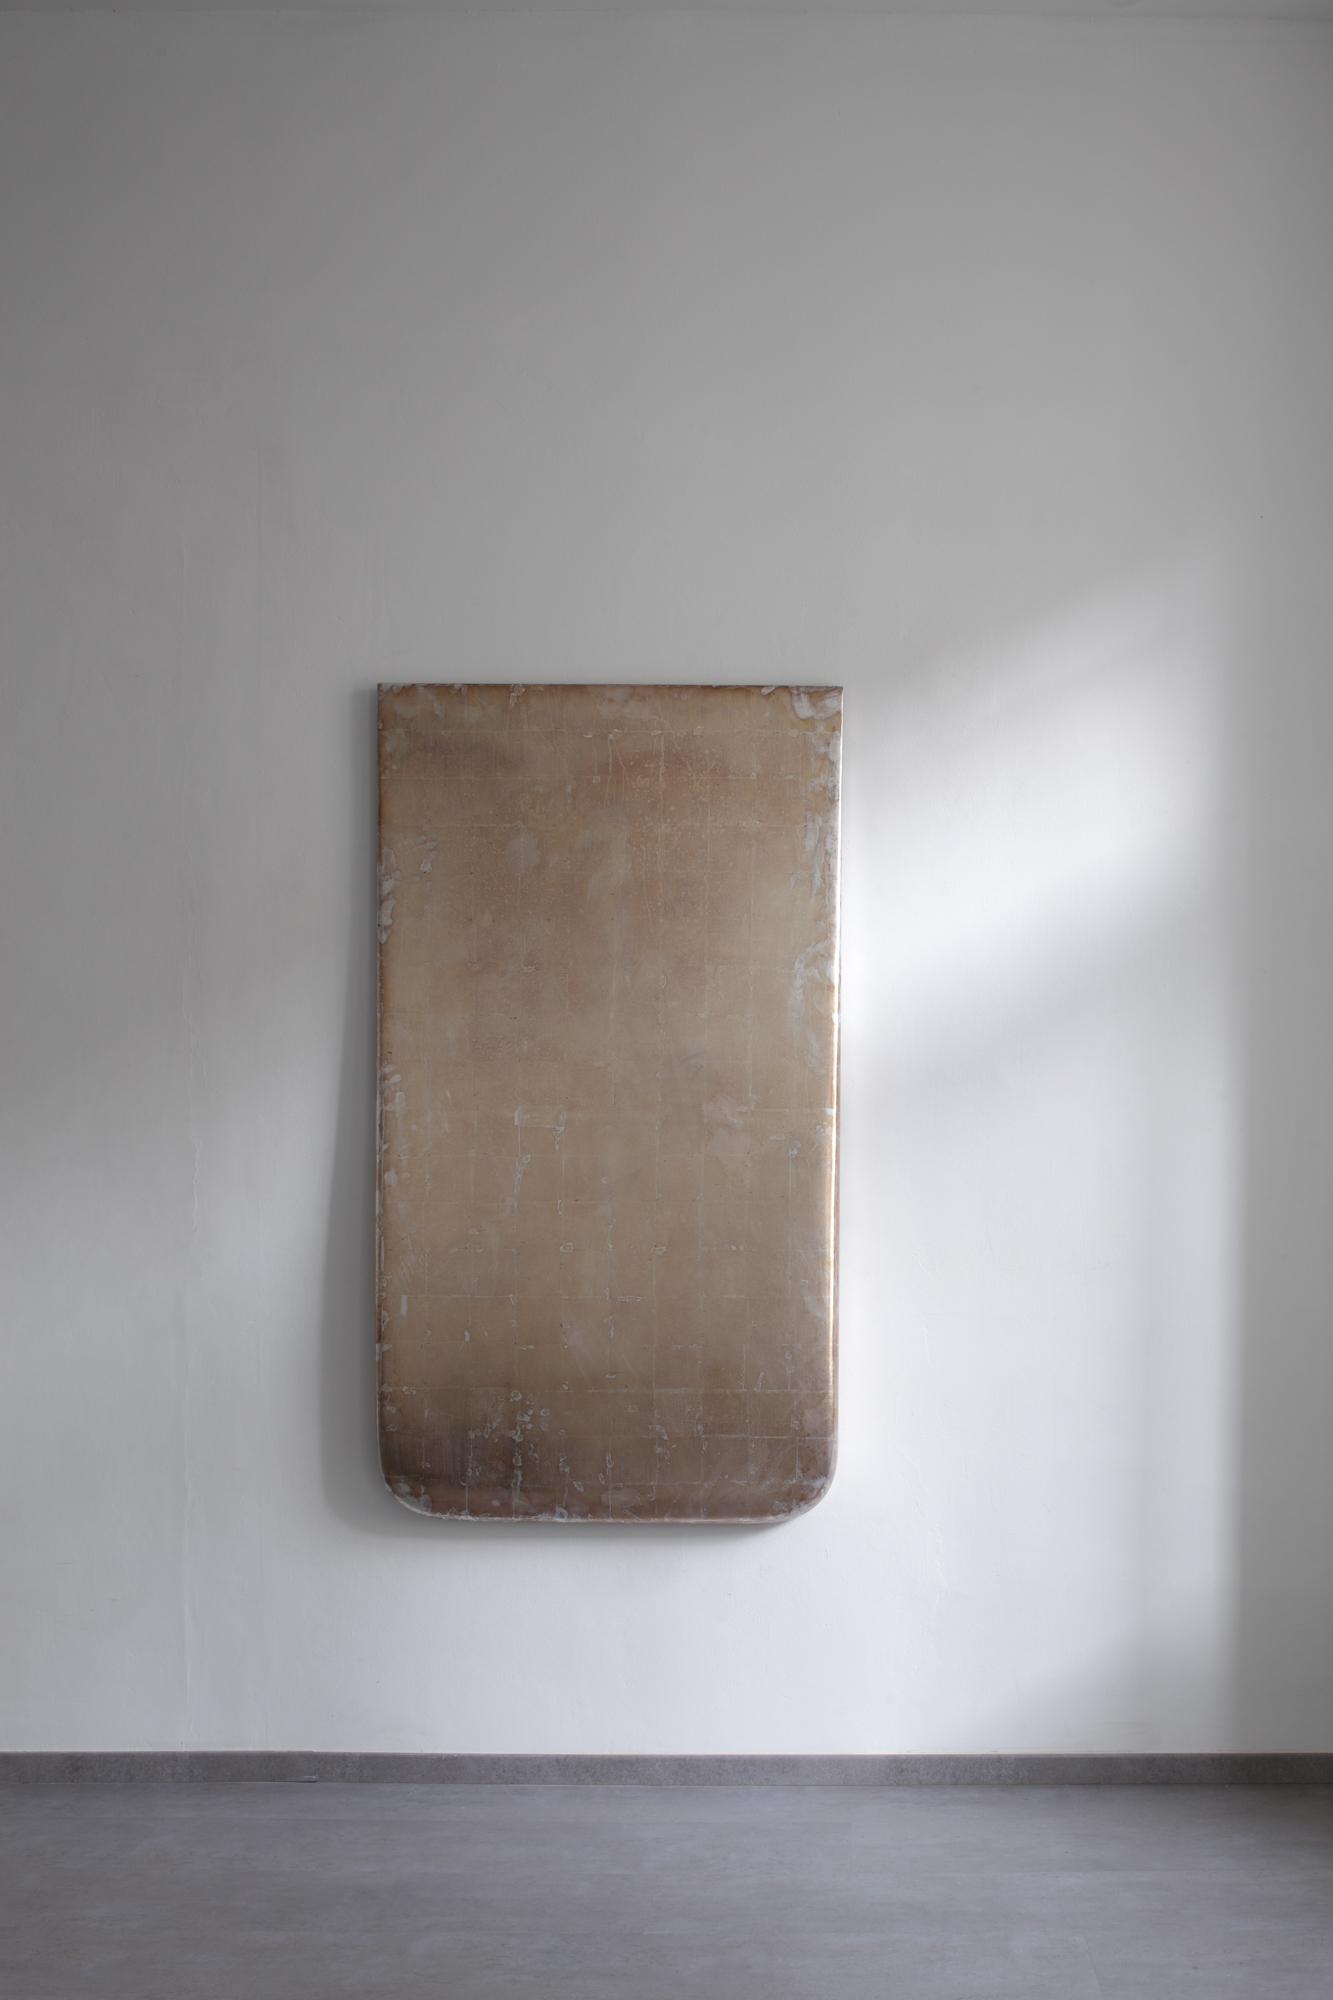 Zeithamml_Galerie_Zavodny.jpg